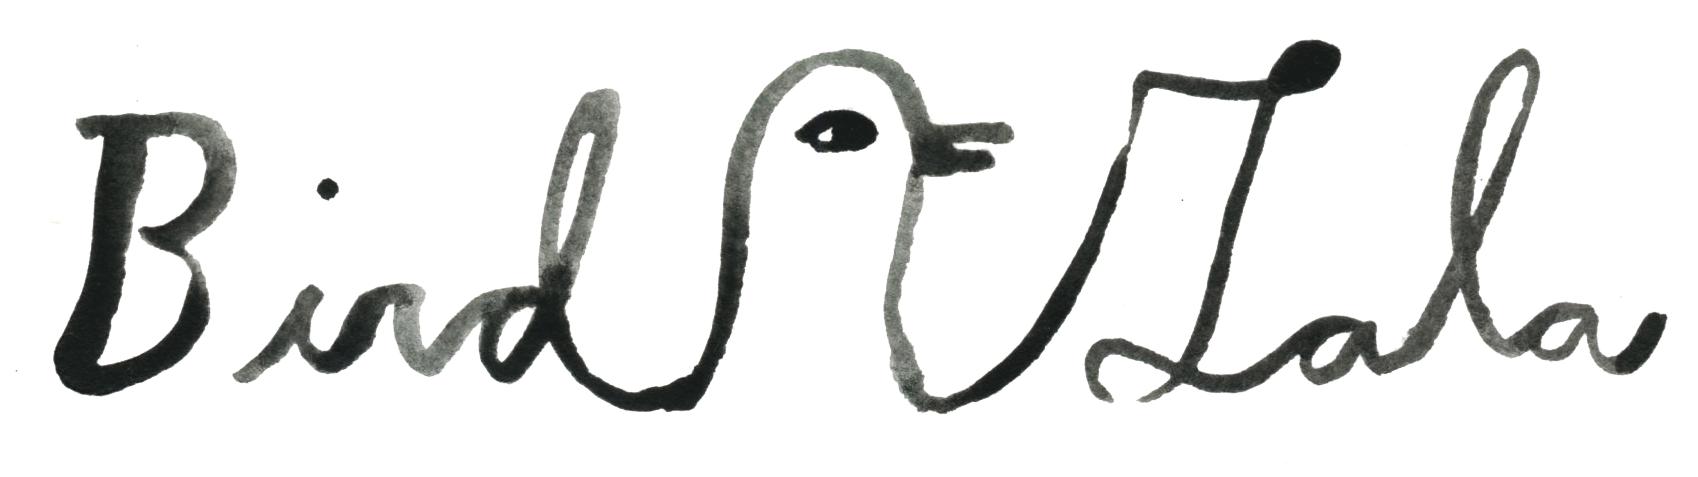 BIRD GALA